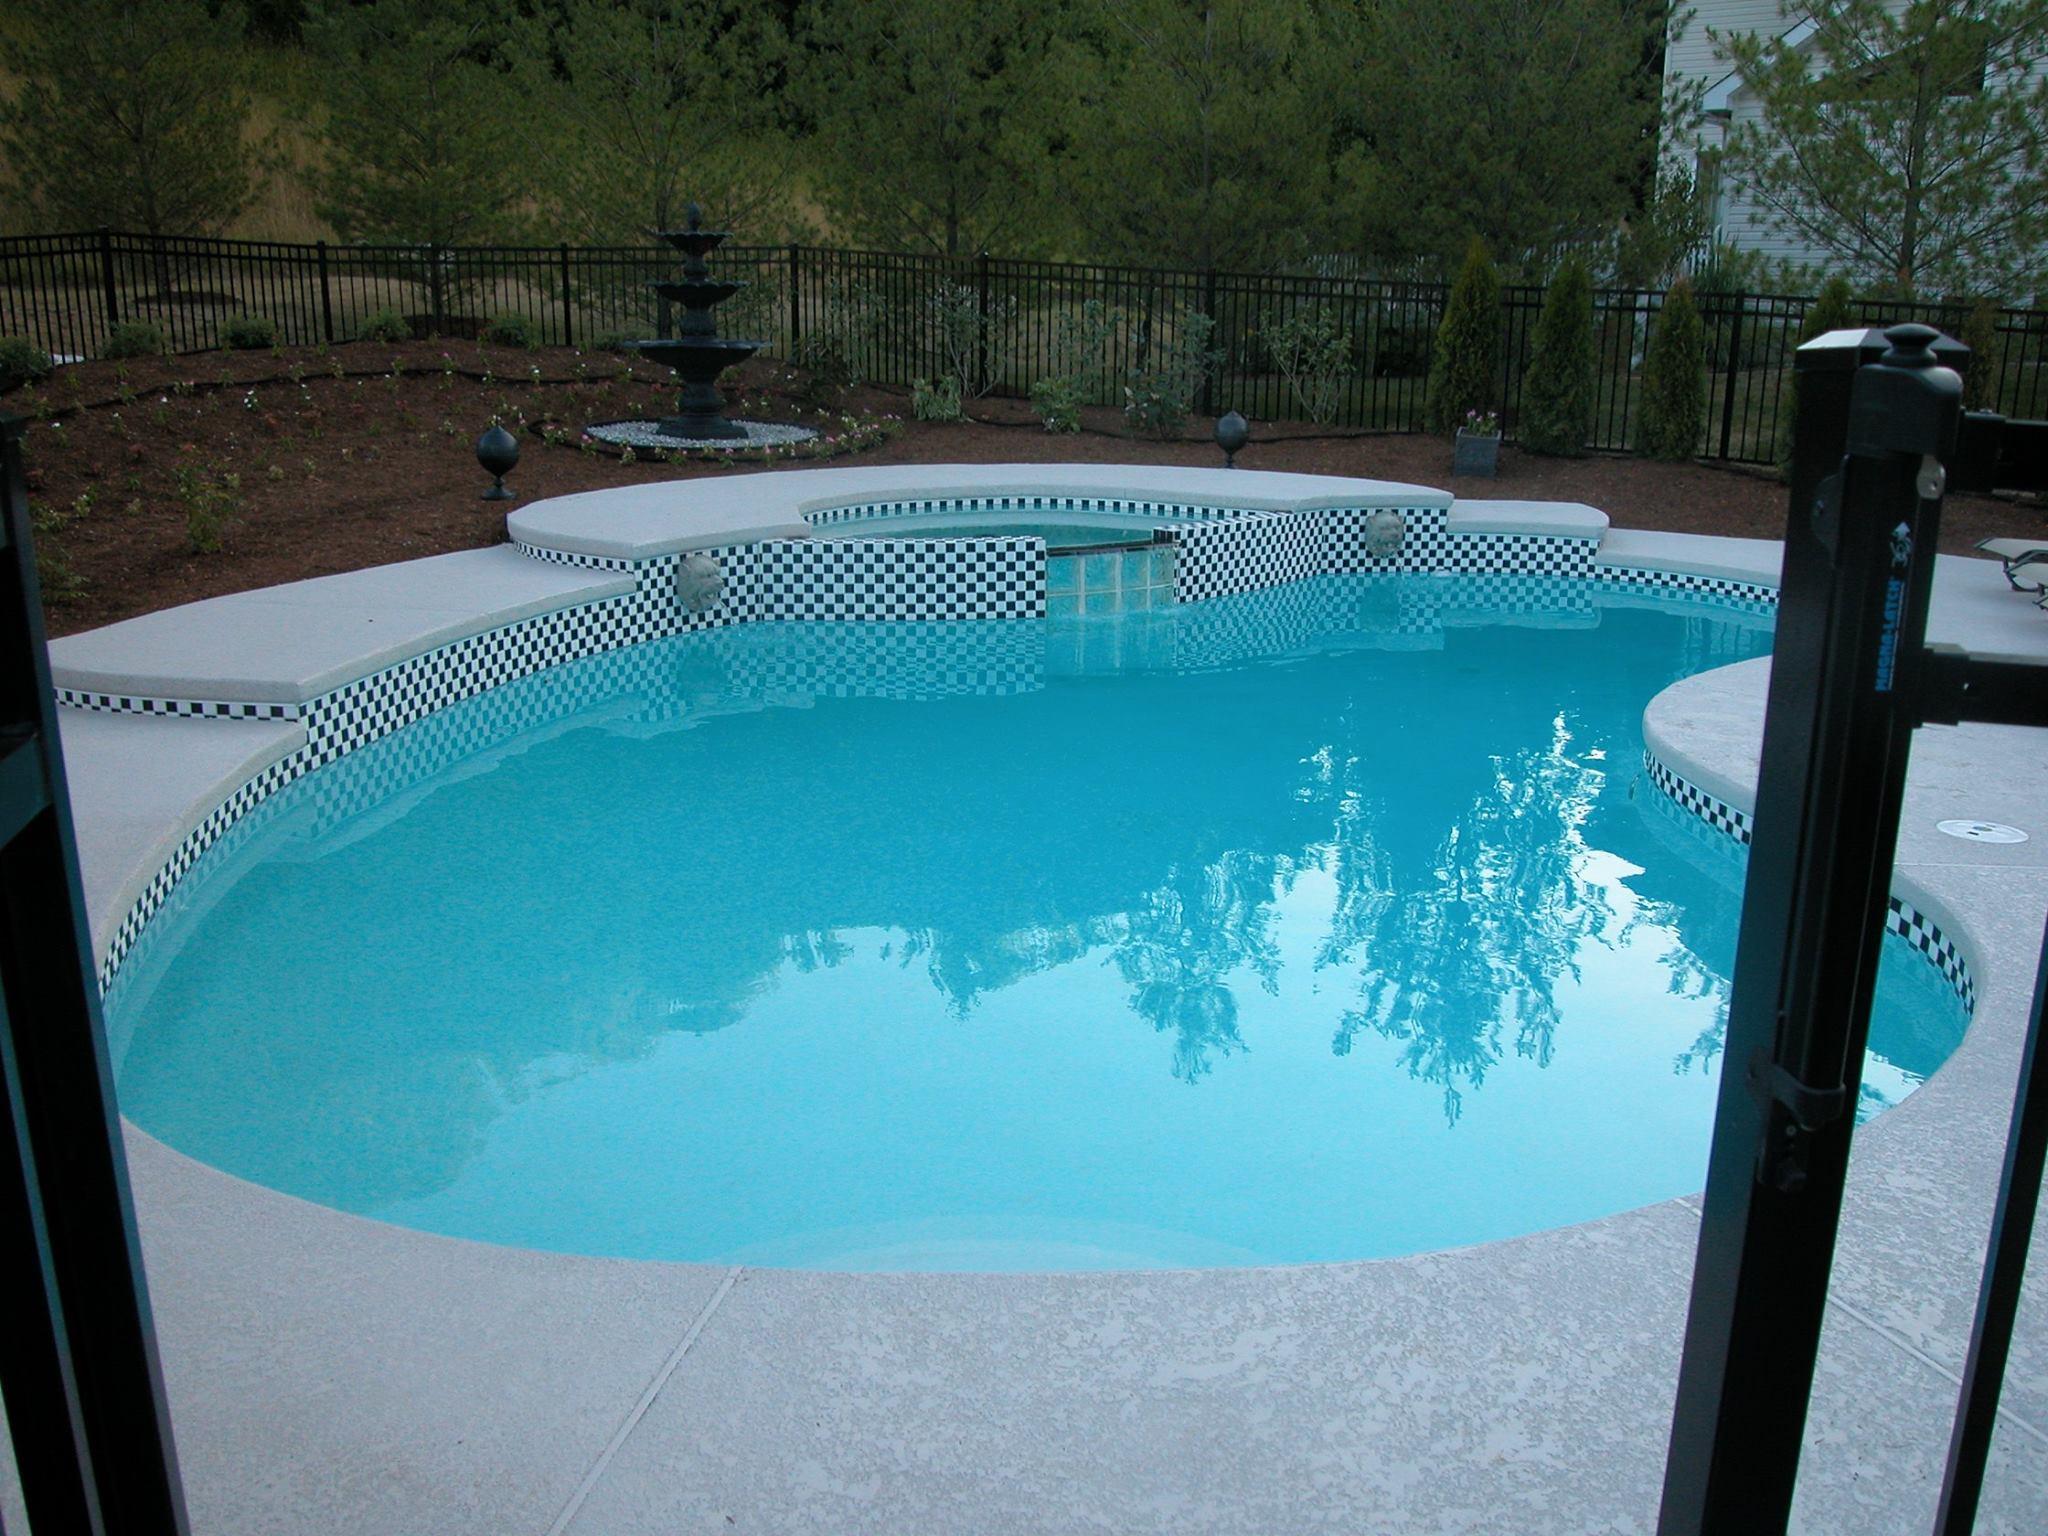 Aqua Pools – St Louis Swimming Pool Construction pany – custom